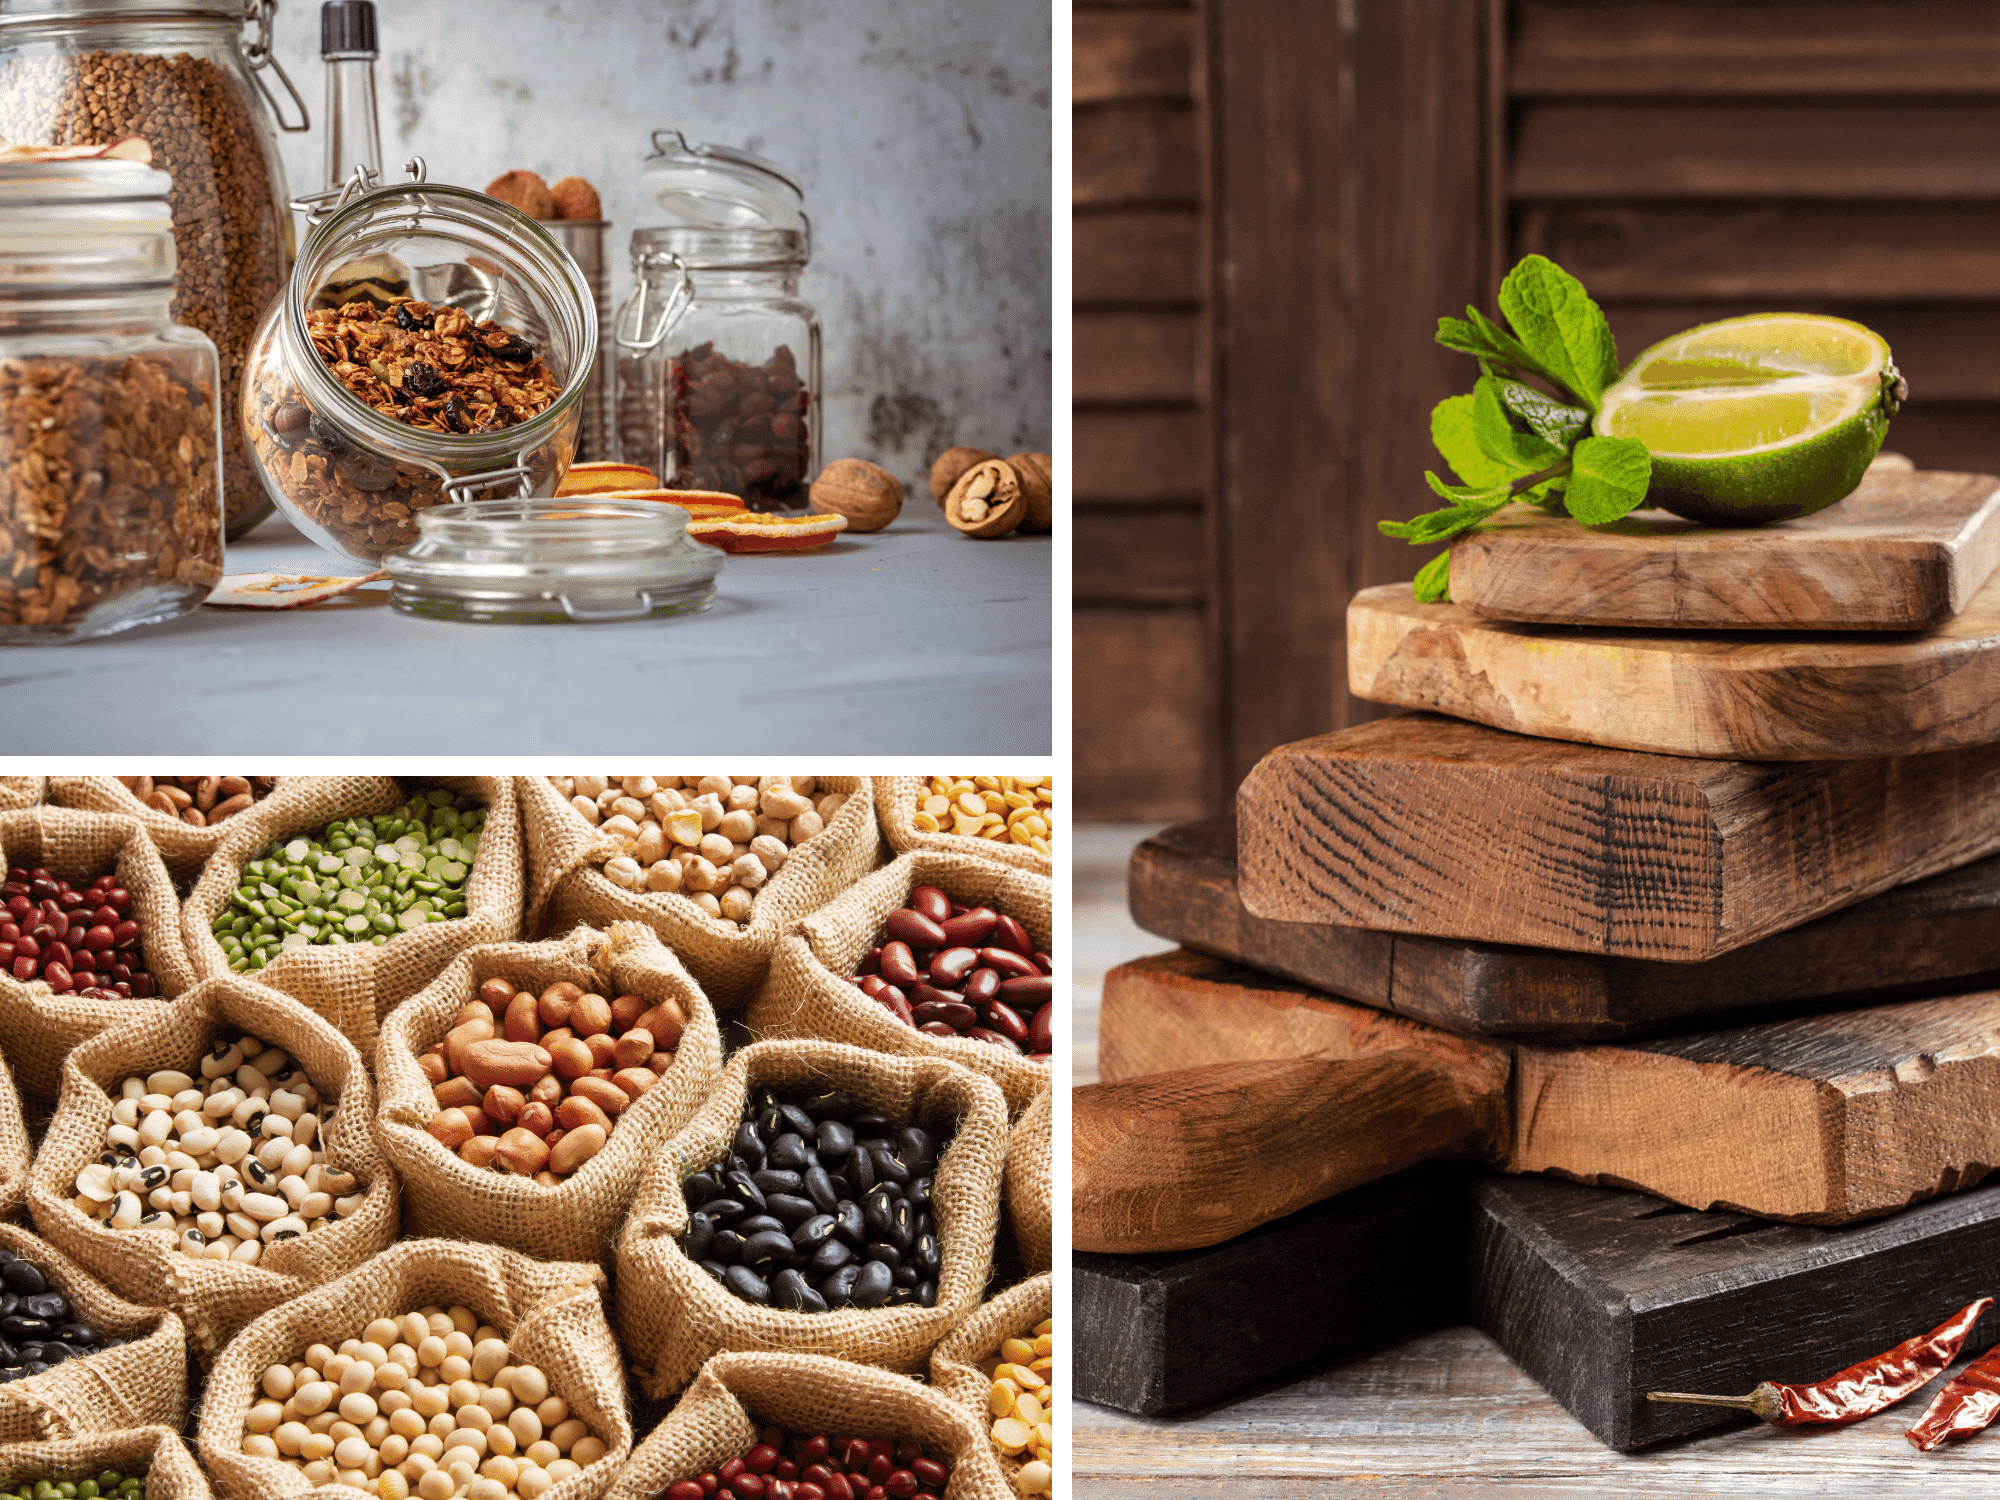 Accessori ecologici per la tua cucina sostenibile